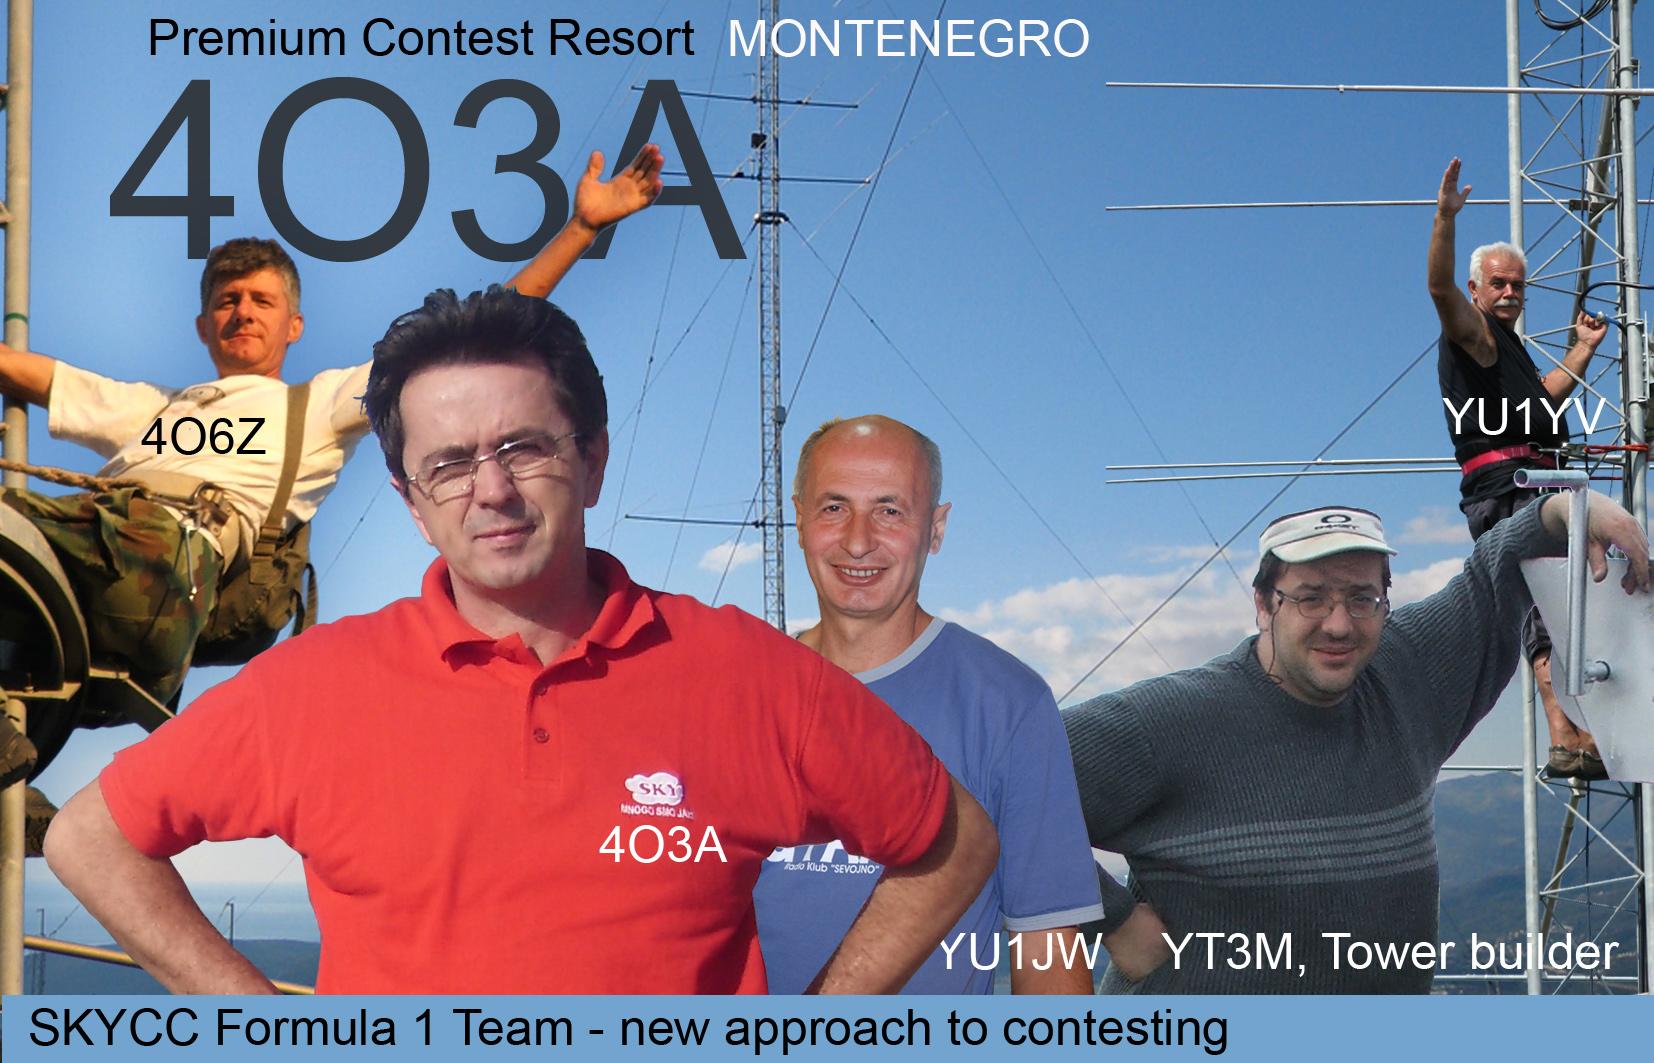 Montenegro Sky Contest Club 4O3A